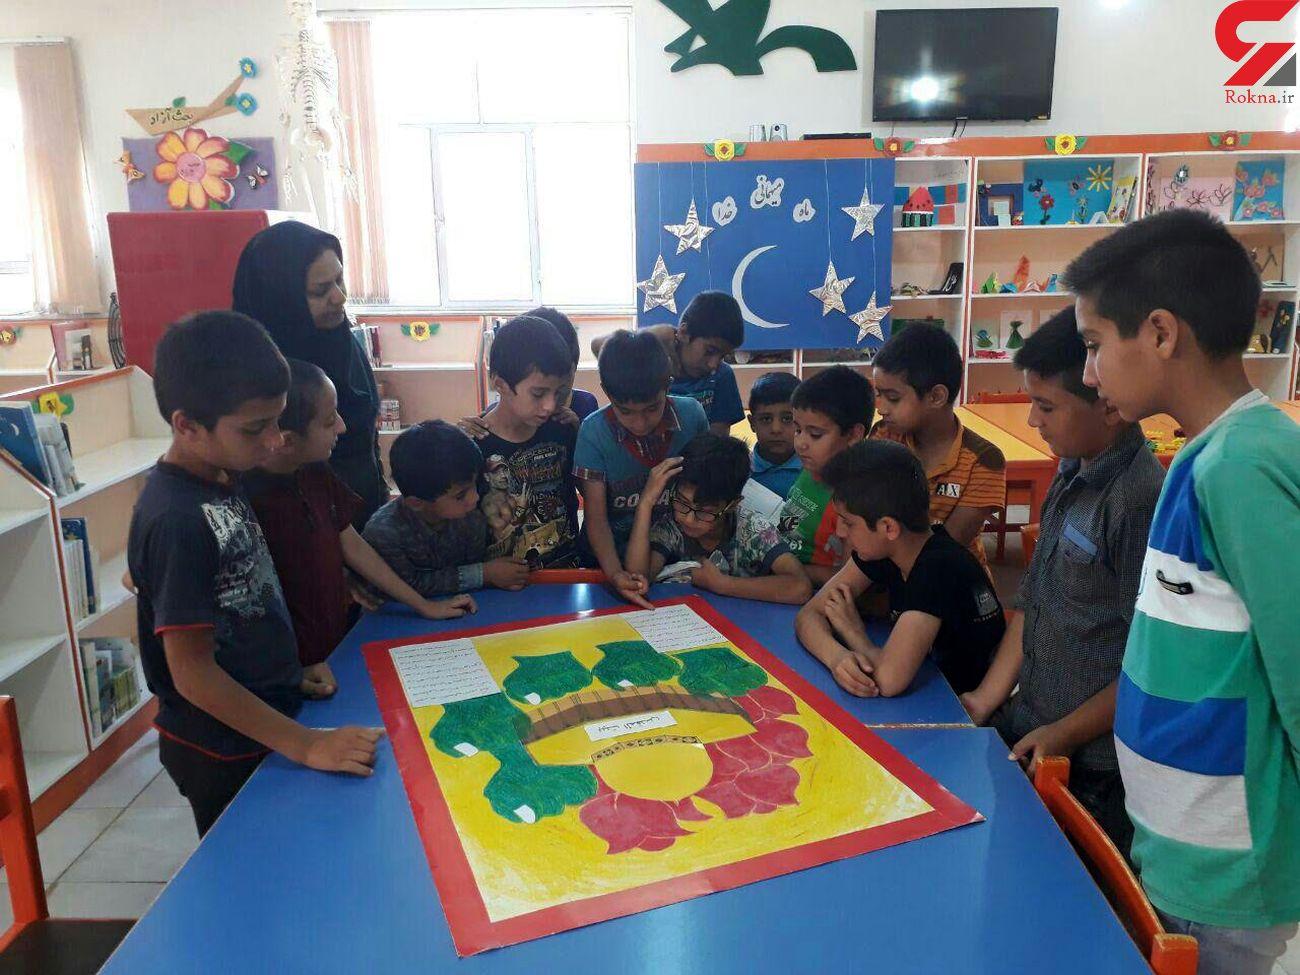 هفته کودک در همدان با برنامه های متنوع اجرا می شود